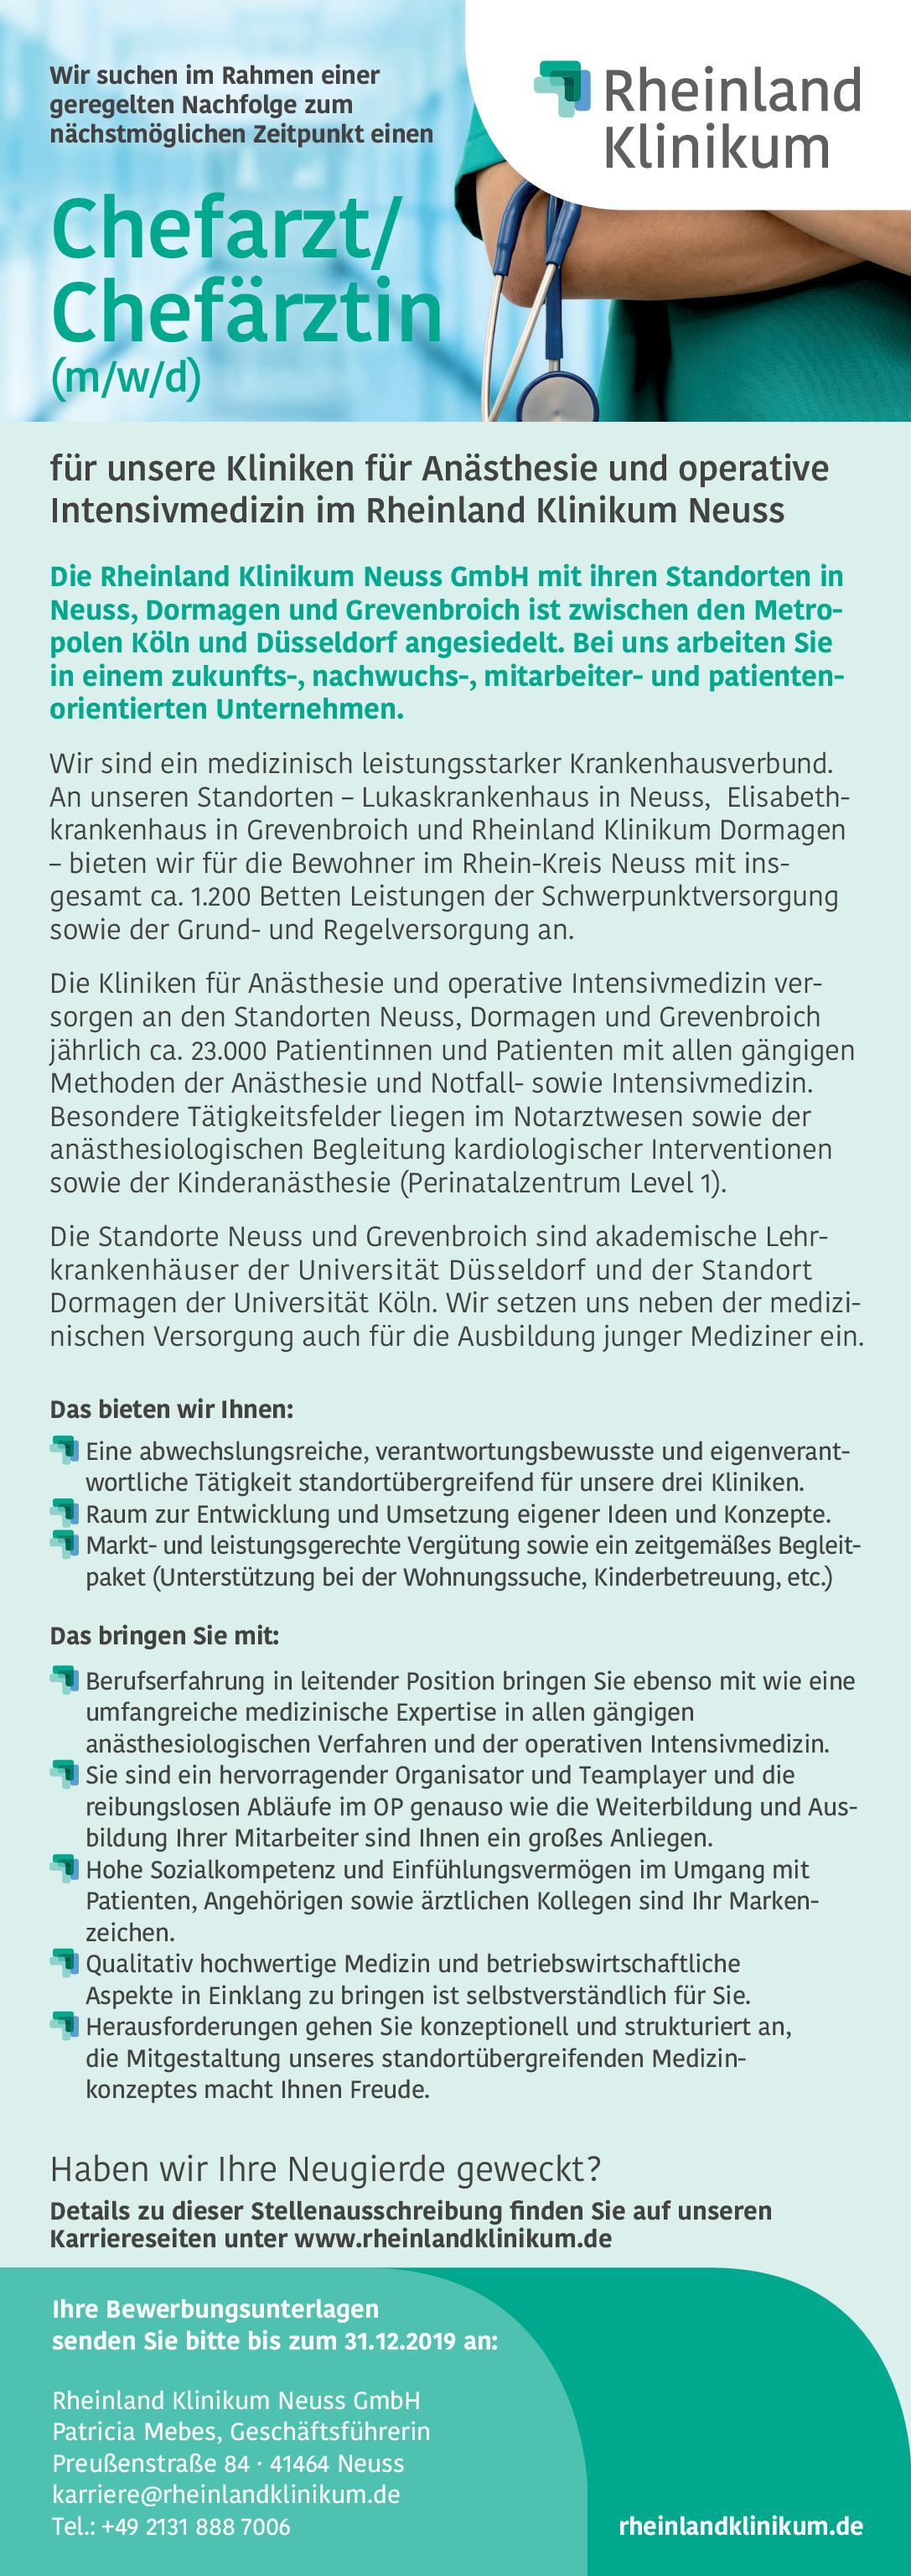 Rheinland Klinikum Neuss GmbH Chefarzt/Chefärztin (m/w/d) für die Klinik für Anästhesie und operative Intensivmedizin Anästhesiologie / Intensivmedizin Chefarzt